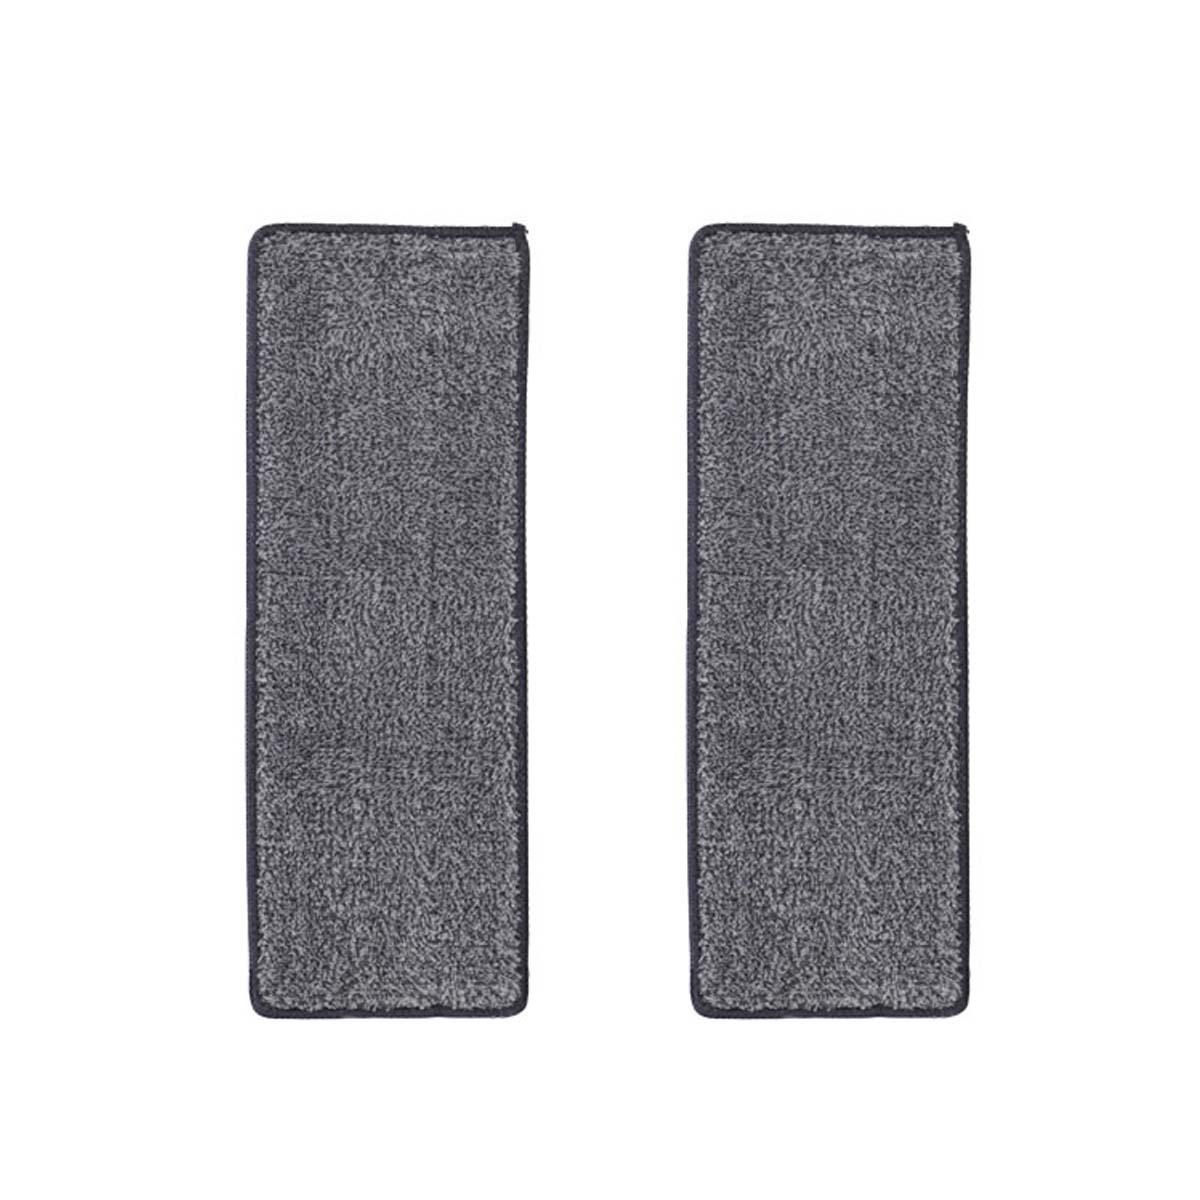 Refil De Microfibra 123 Útil Para Flat Mop Com 2 Peças – UD475